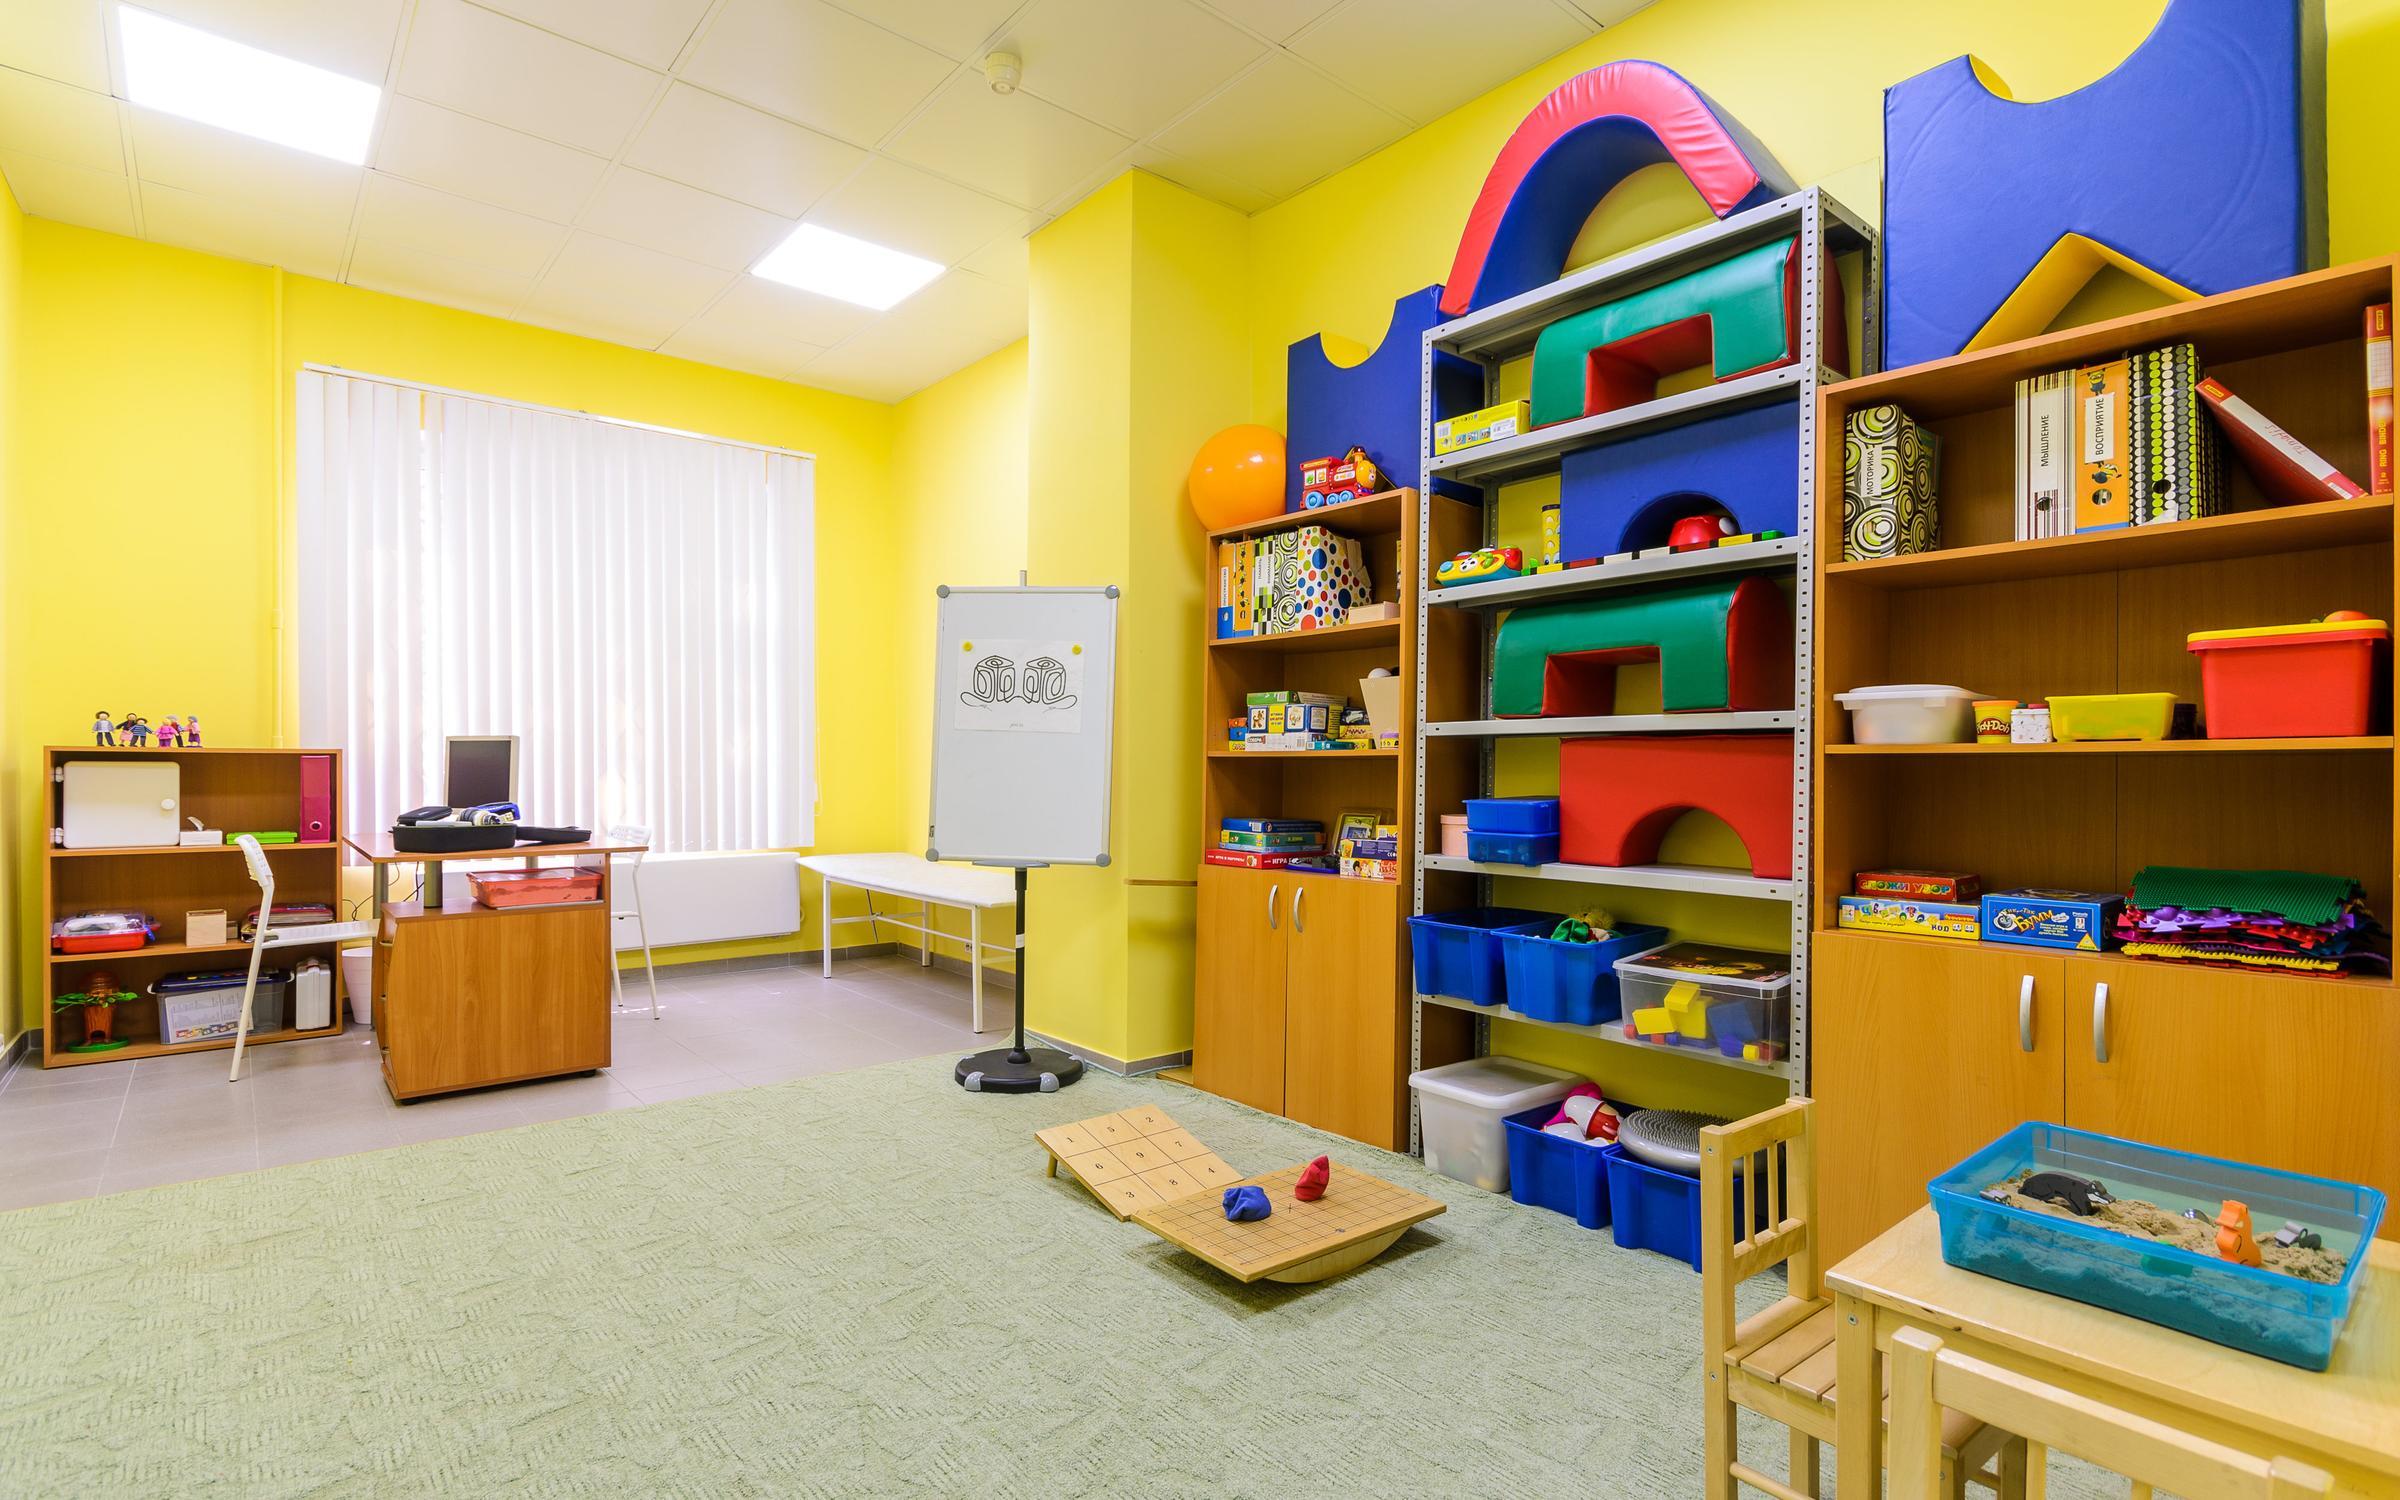 фотография Центра медико-психологической коррекции и реабилитации Нейроцентр на метро Отрадное